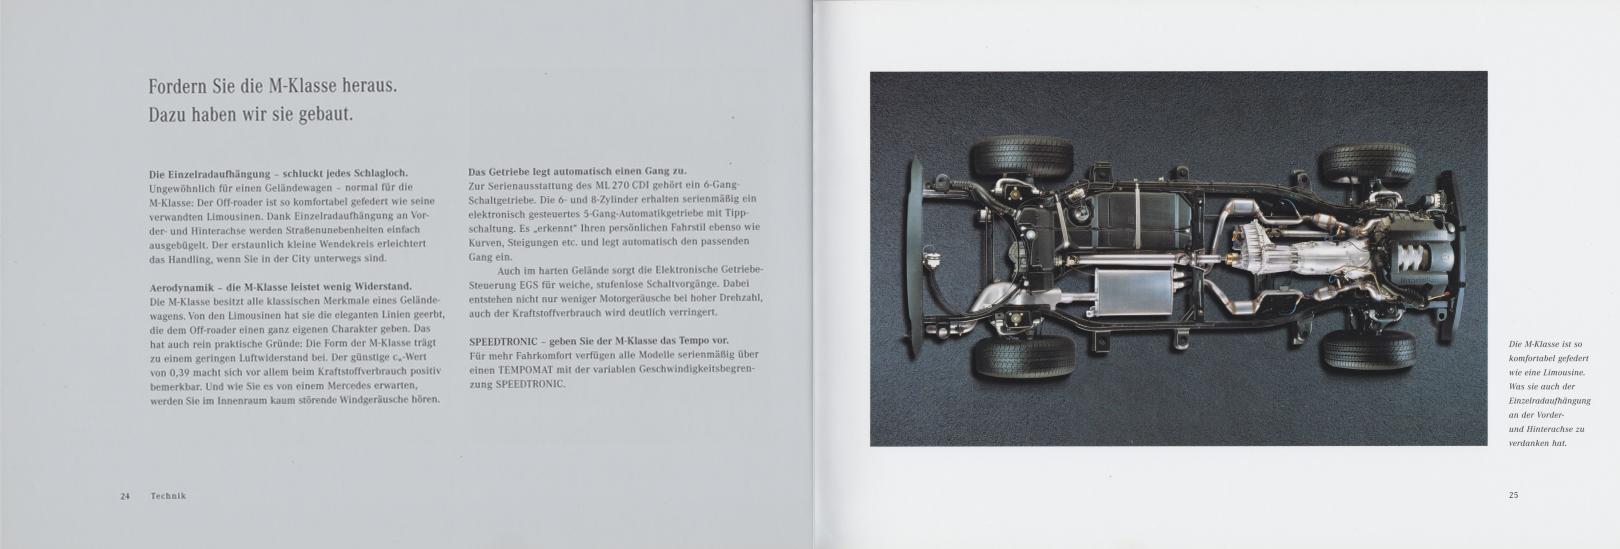 (W163): Catálogo 2000 - alemão 014